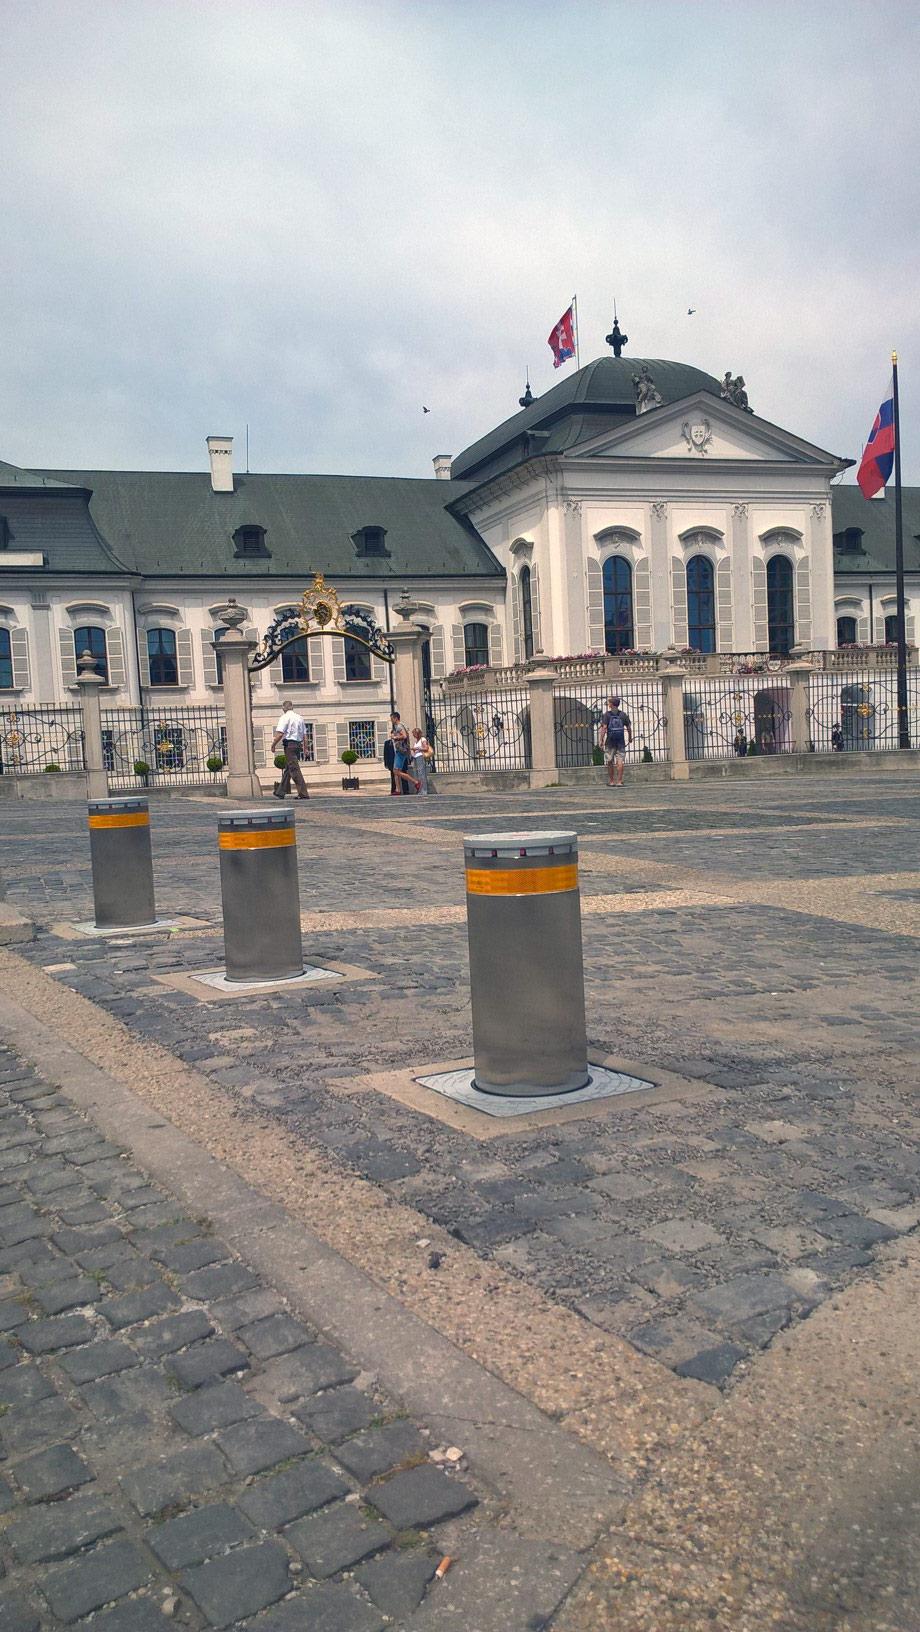 Instalace dopravních sloupů v Bratislavě